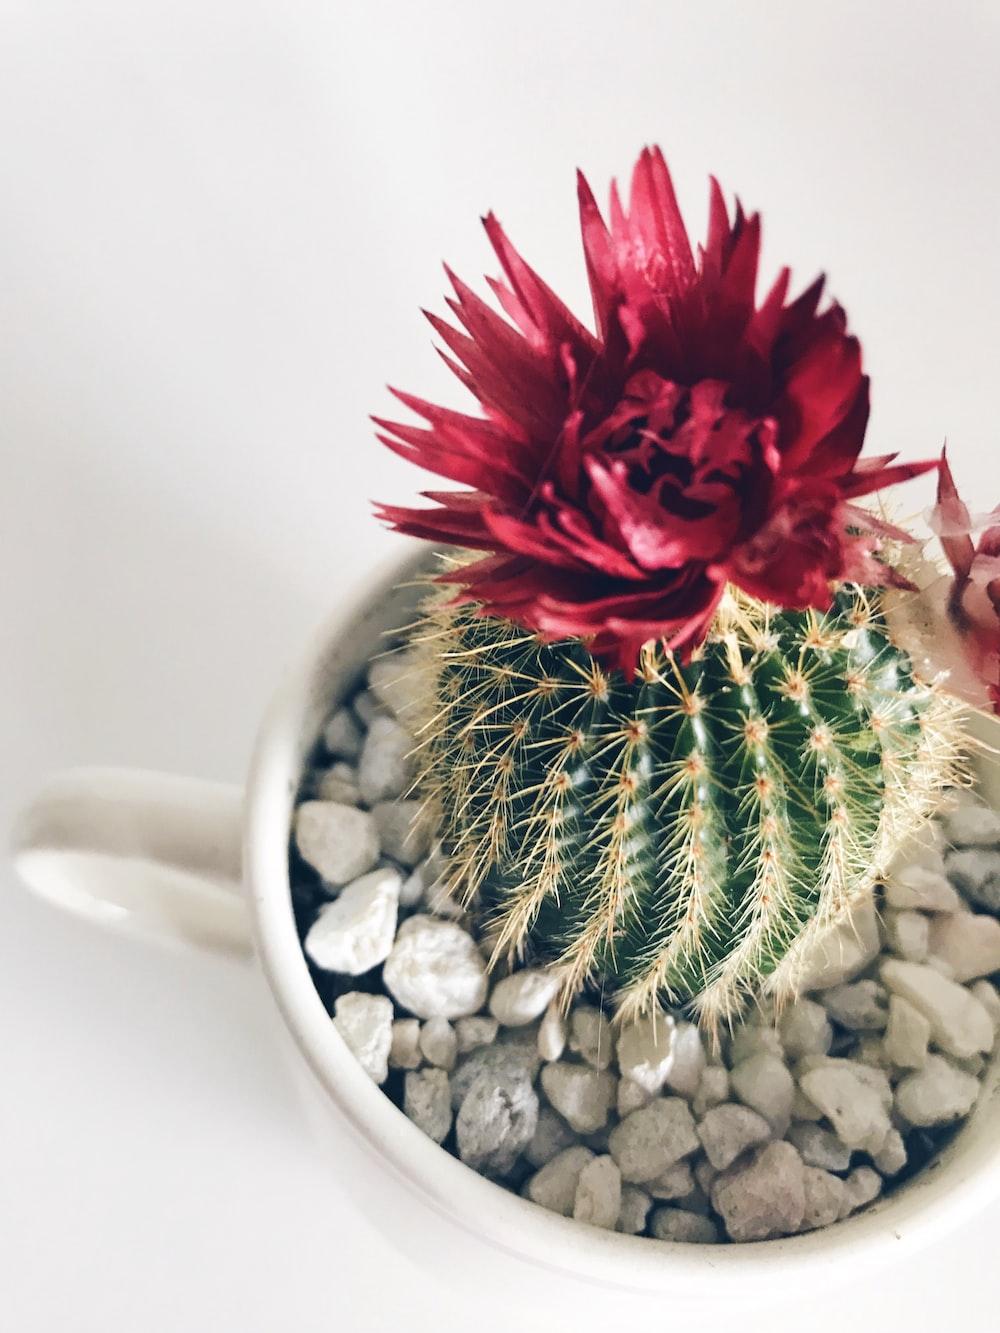 red flower on white ceramic mug